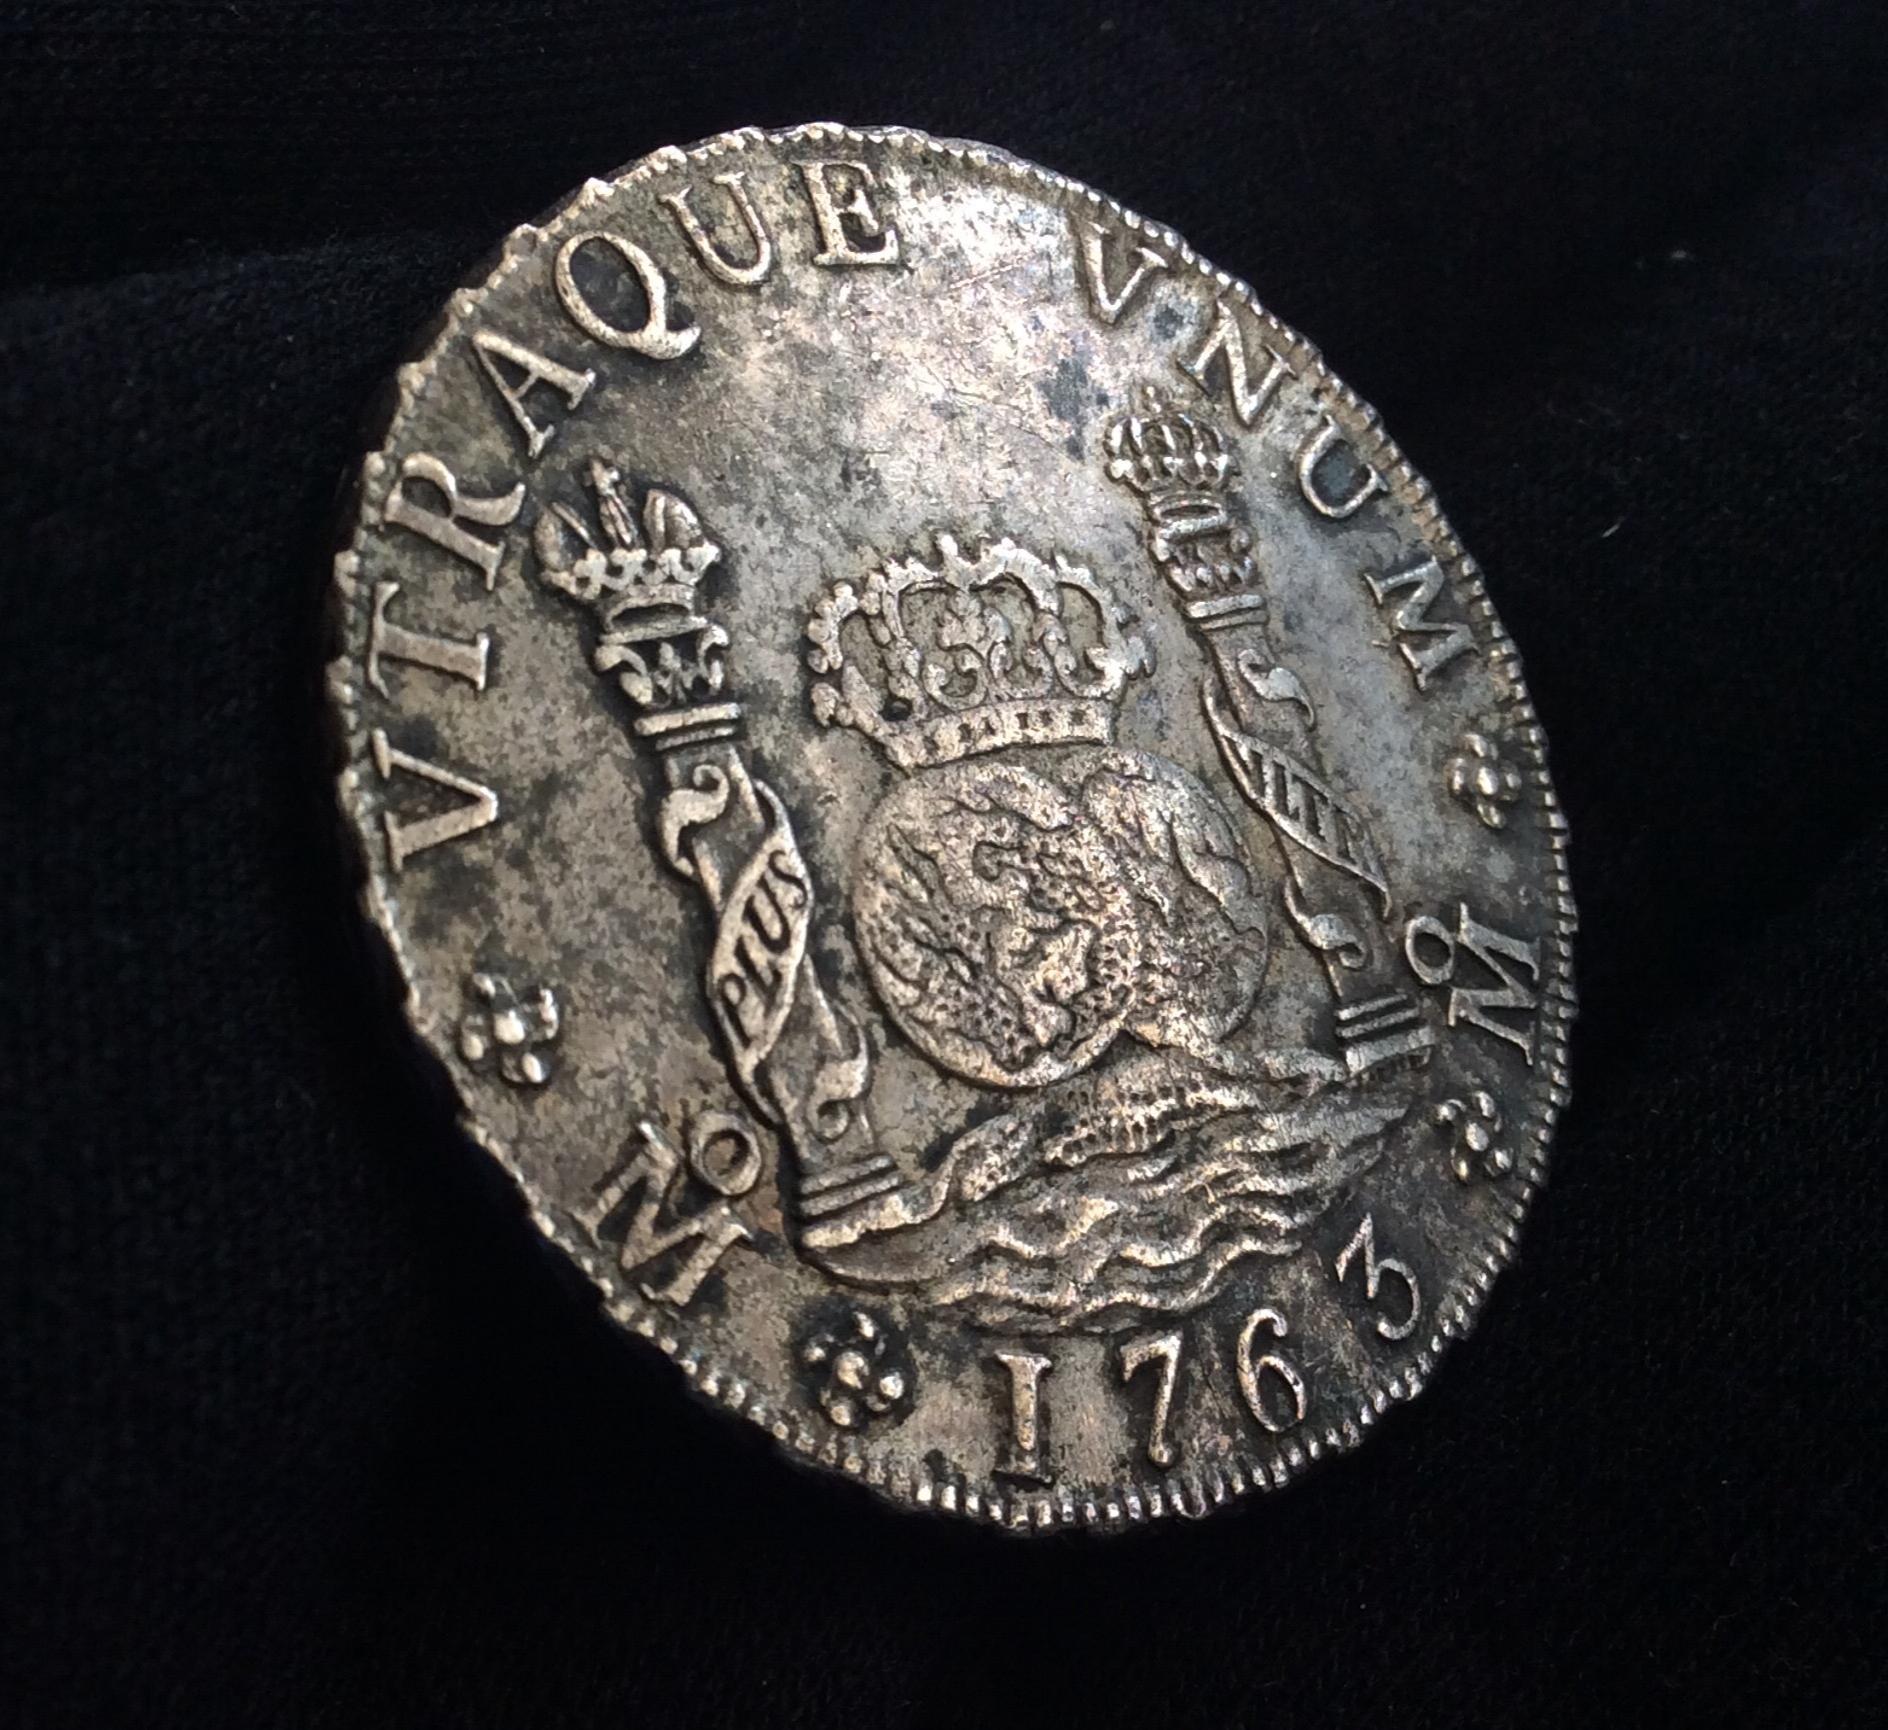 COLUMNARIO 8 REALES 1763 - CARLOS III